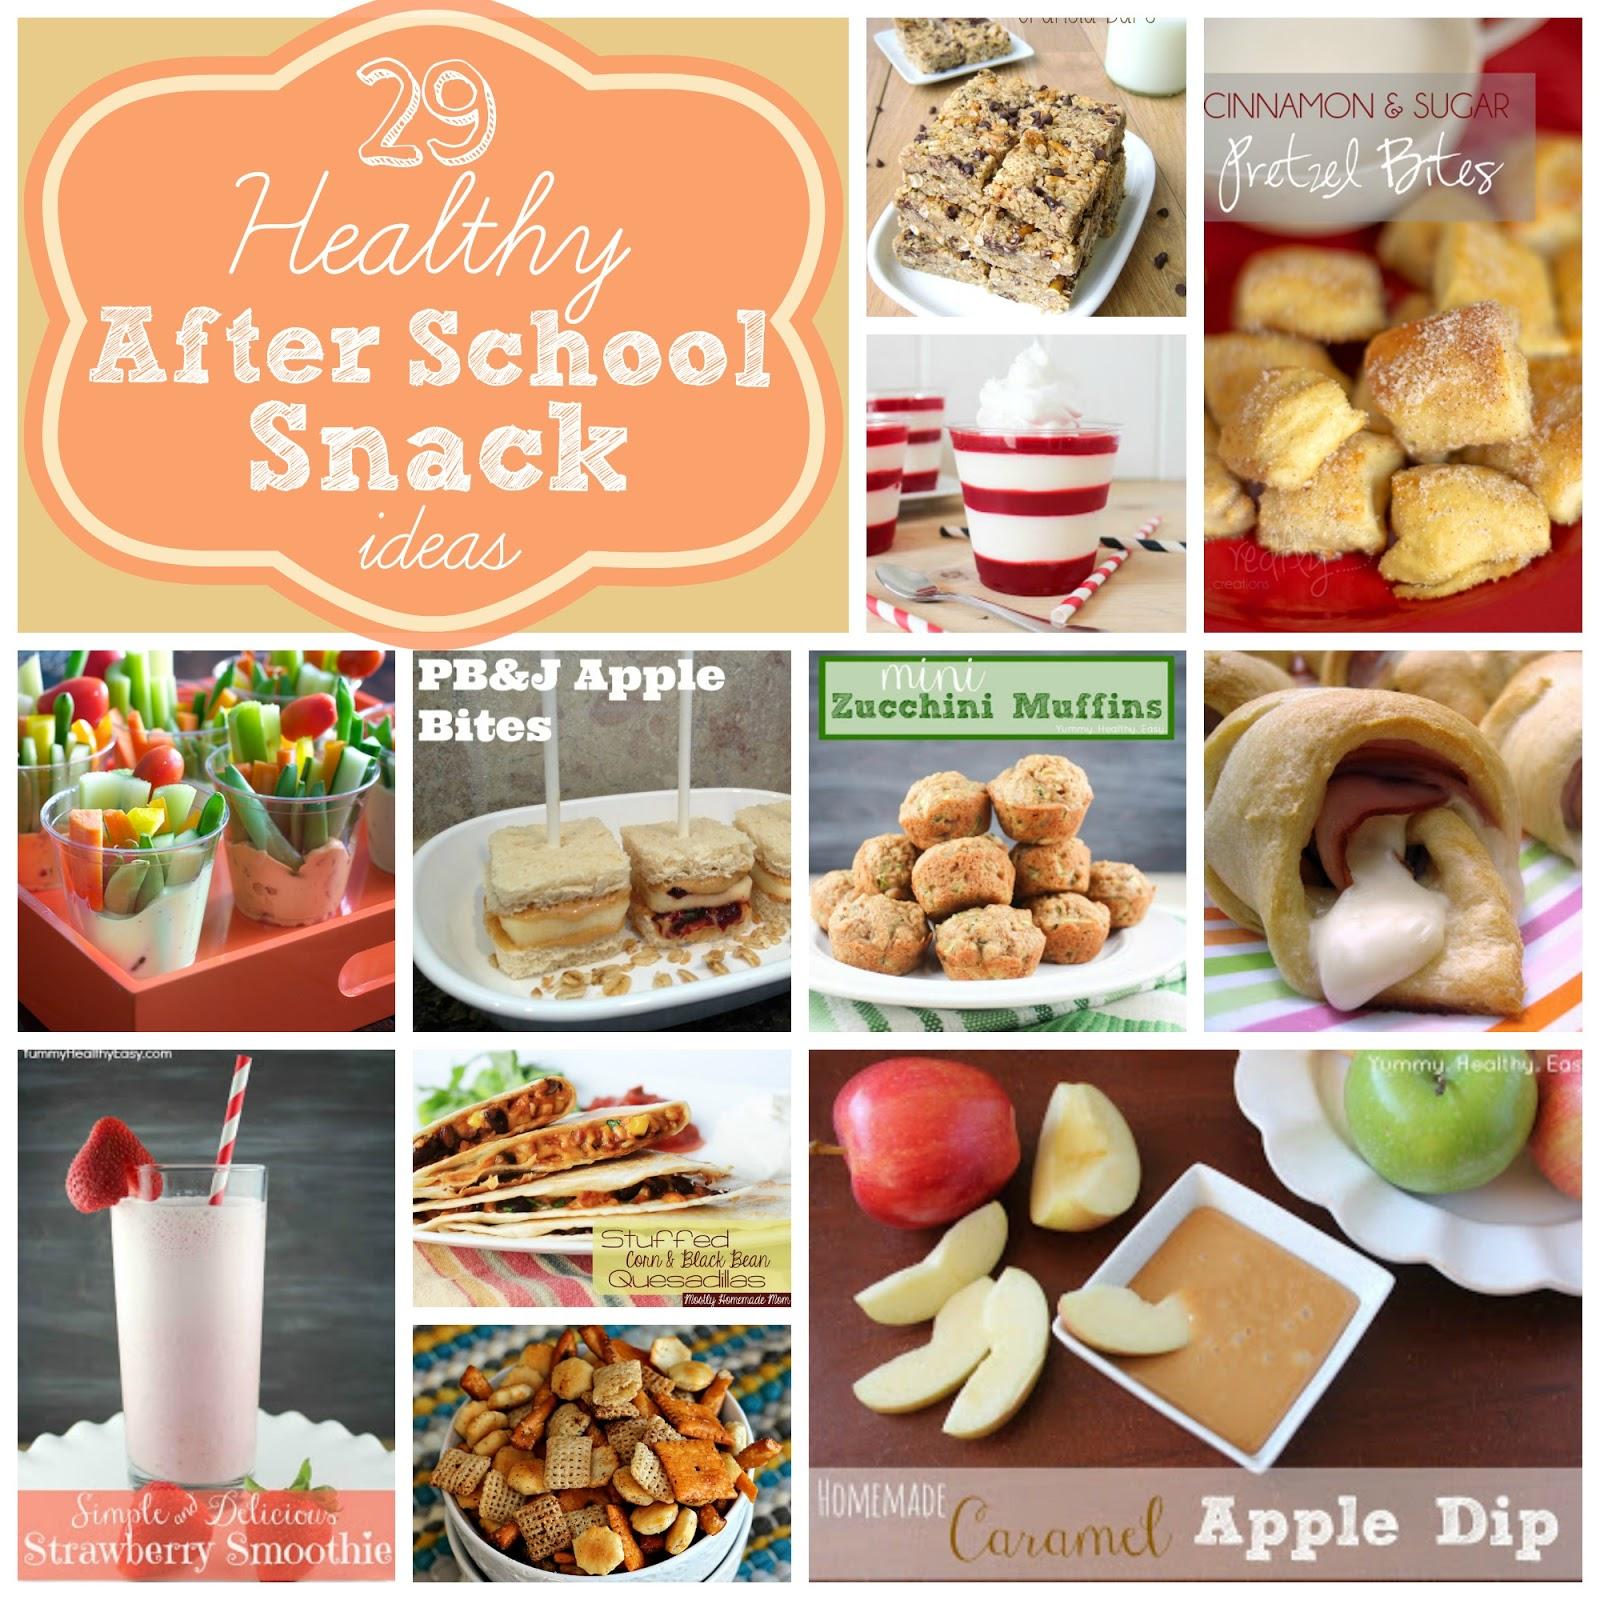 29 healthy after school snack ideas! - yummy healthy easy